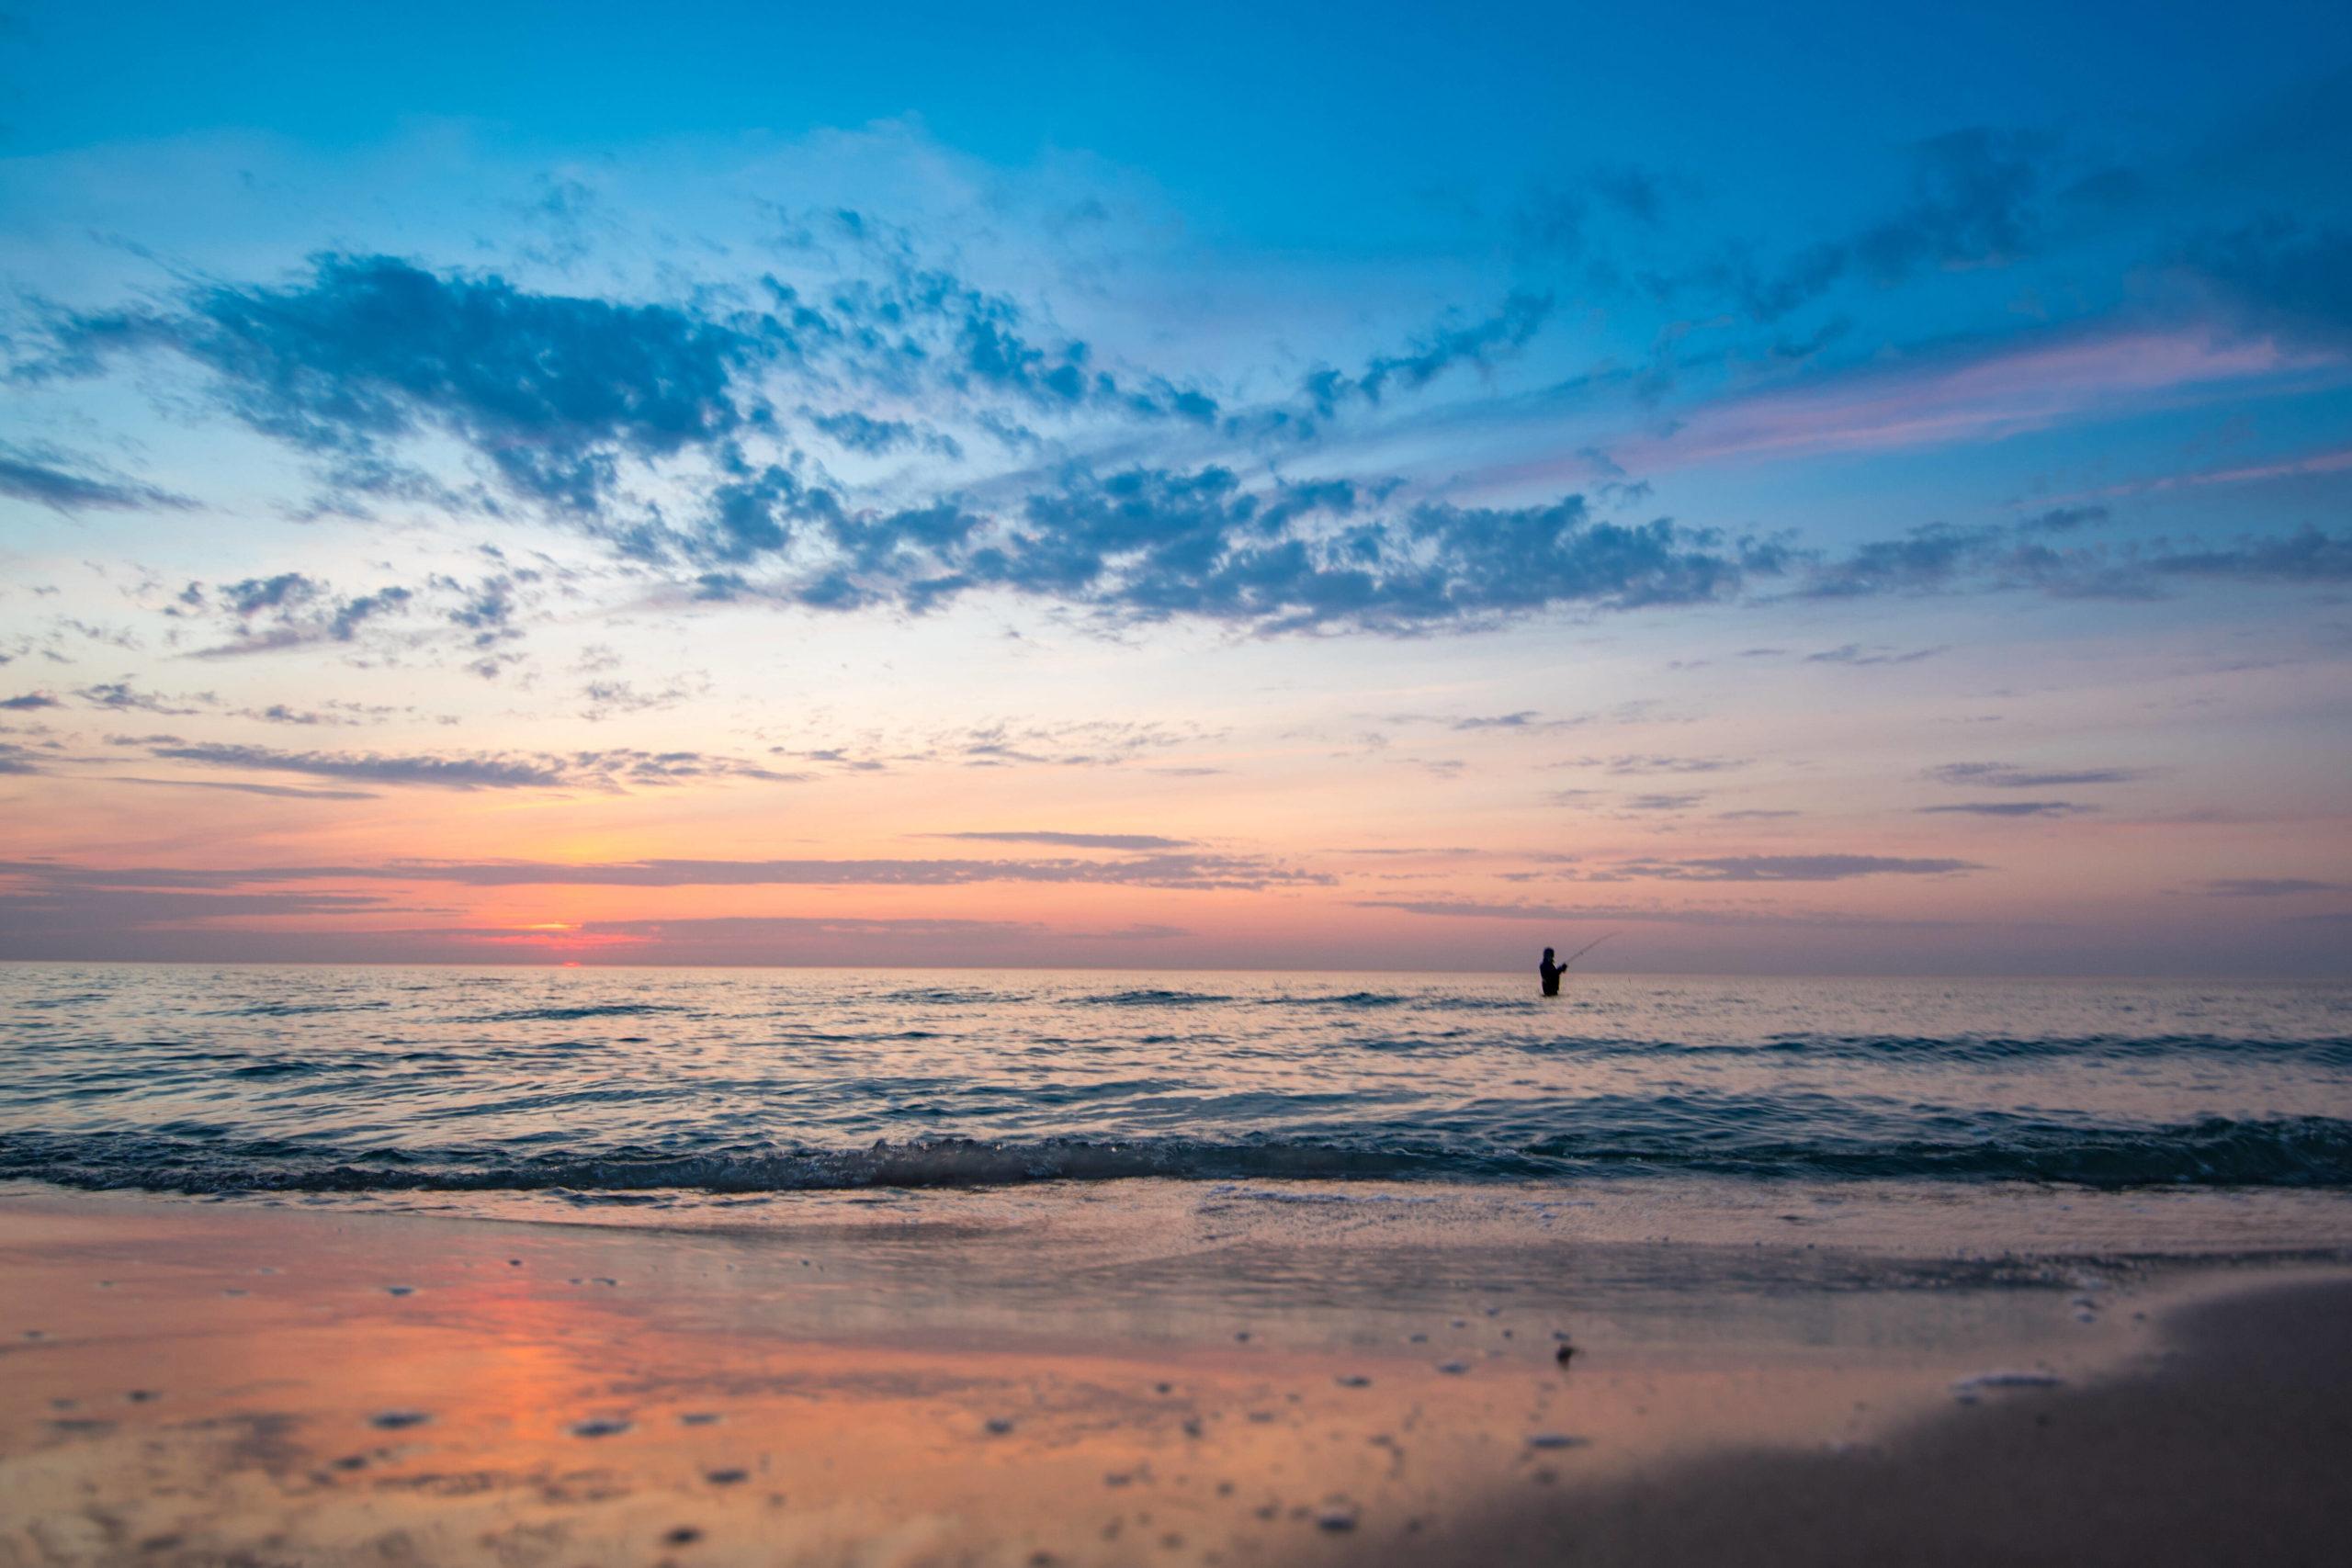 Schönste Strände Ostsee Ein Strand wie aus dem Buche ist der schöne Sandstrand Dierhagen.